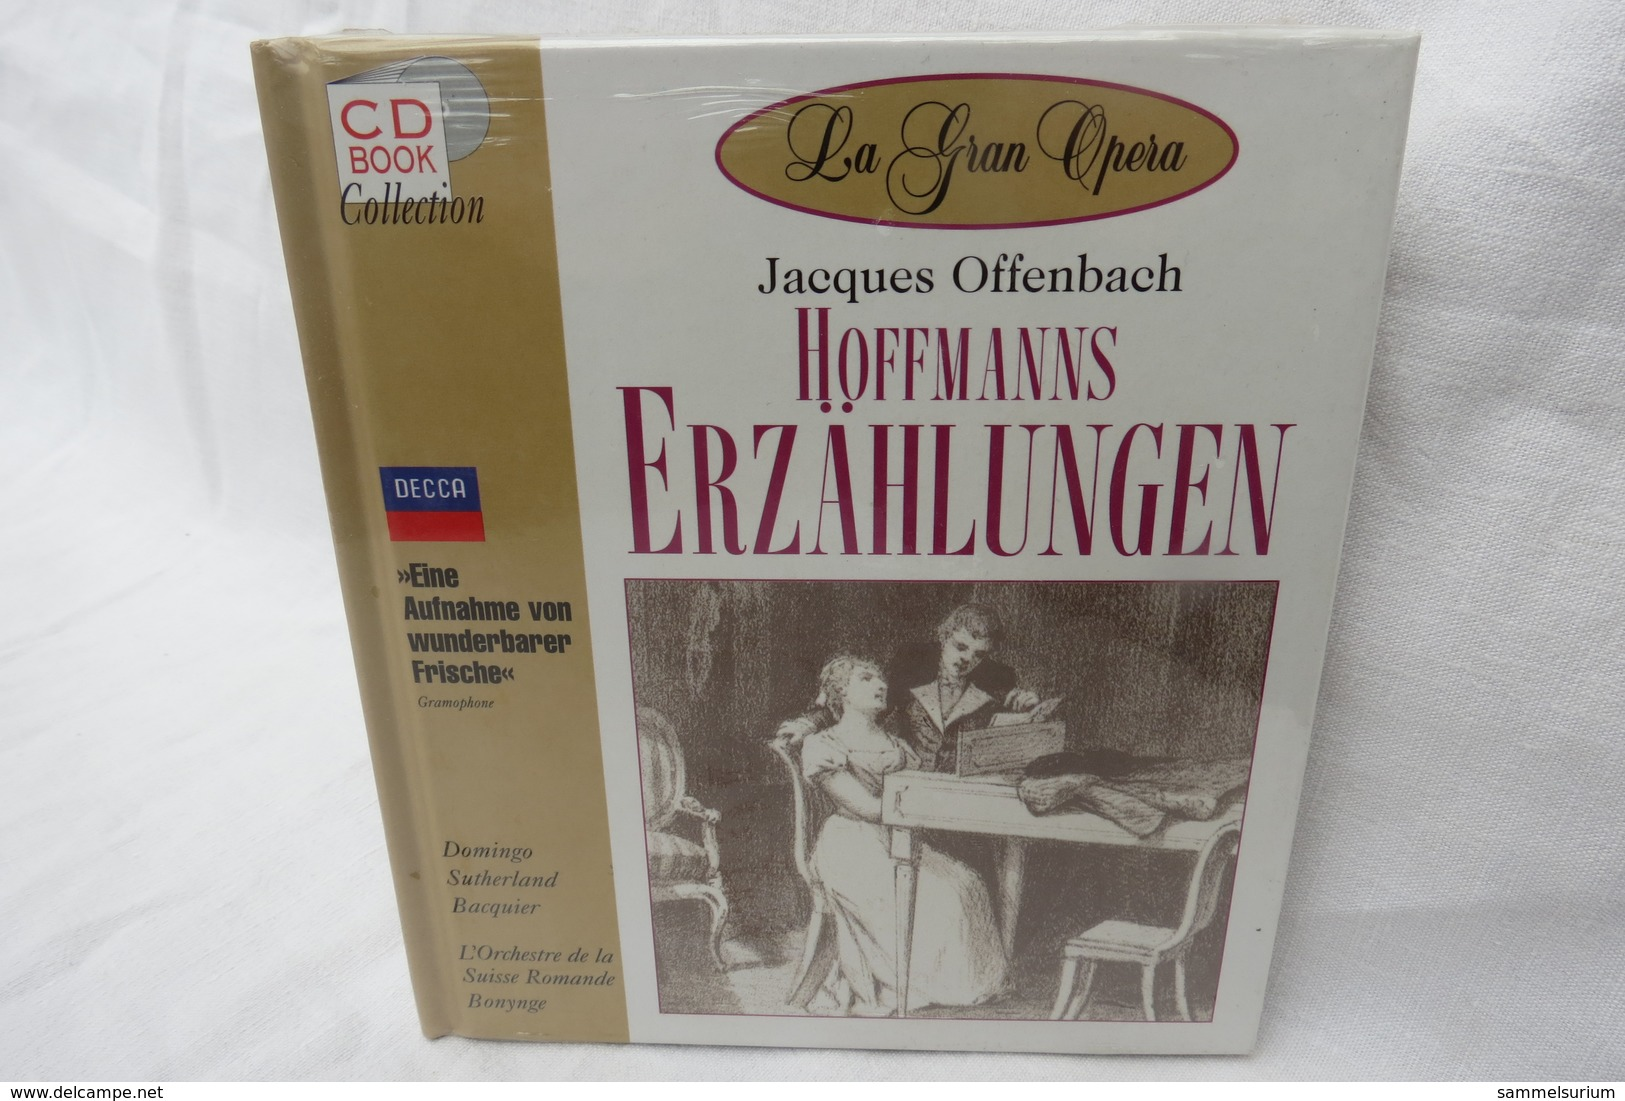 """CD """"Hoffmanns Erzählungen / Jacques Offenbach"""" Mit Buch Aus Der CD Book Collection (ungeöffnet, Original Eingeschweißt) - Opera"""